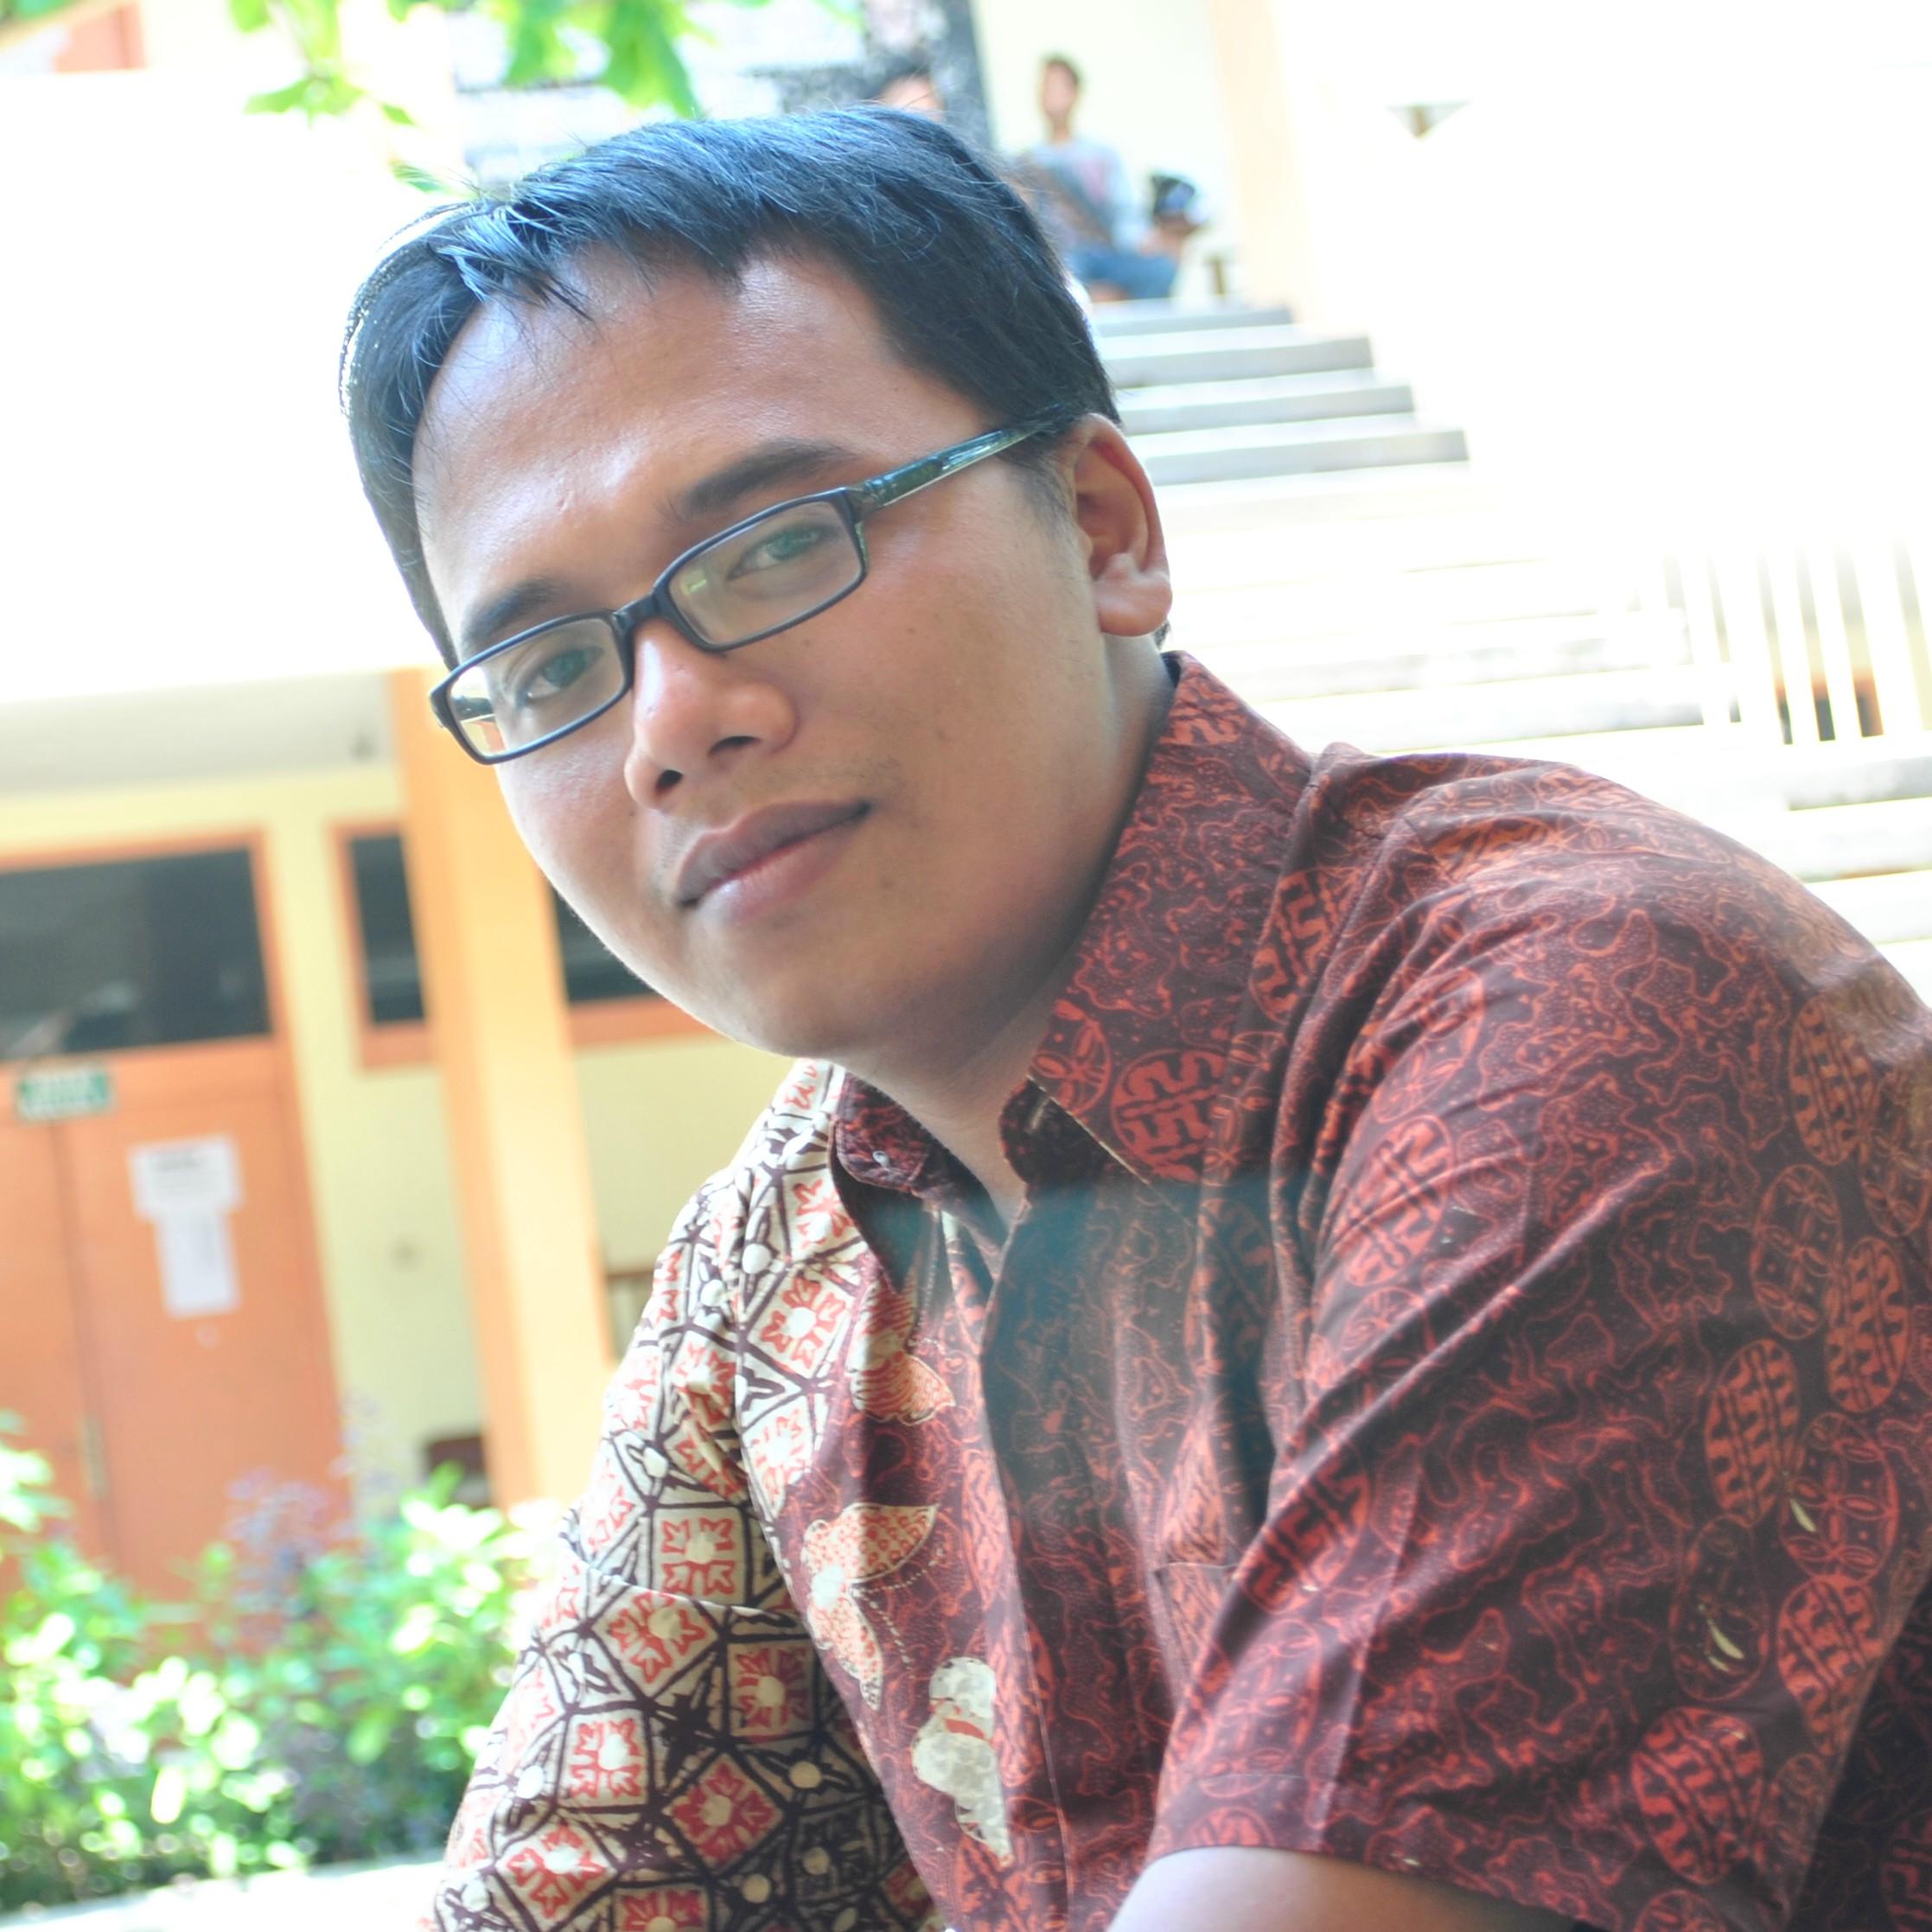 Arif Darmawan